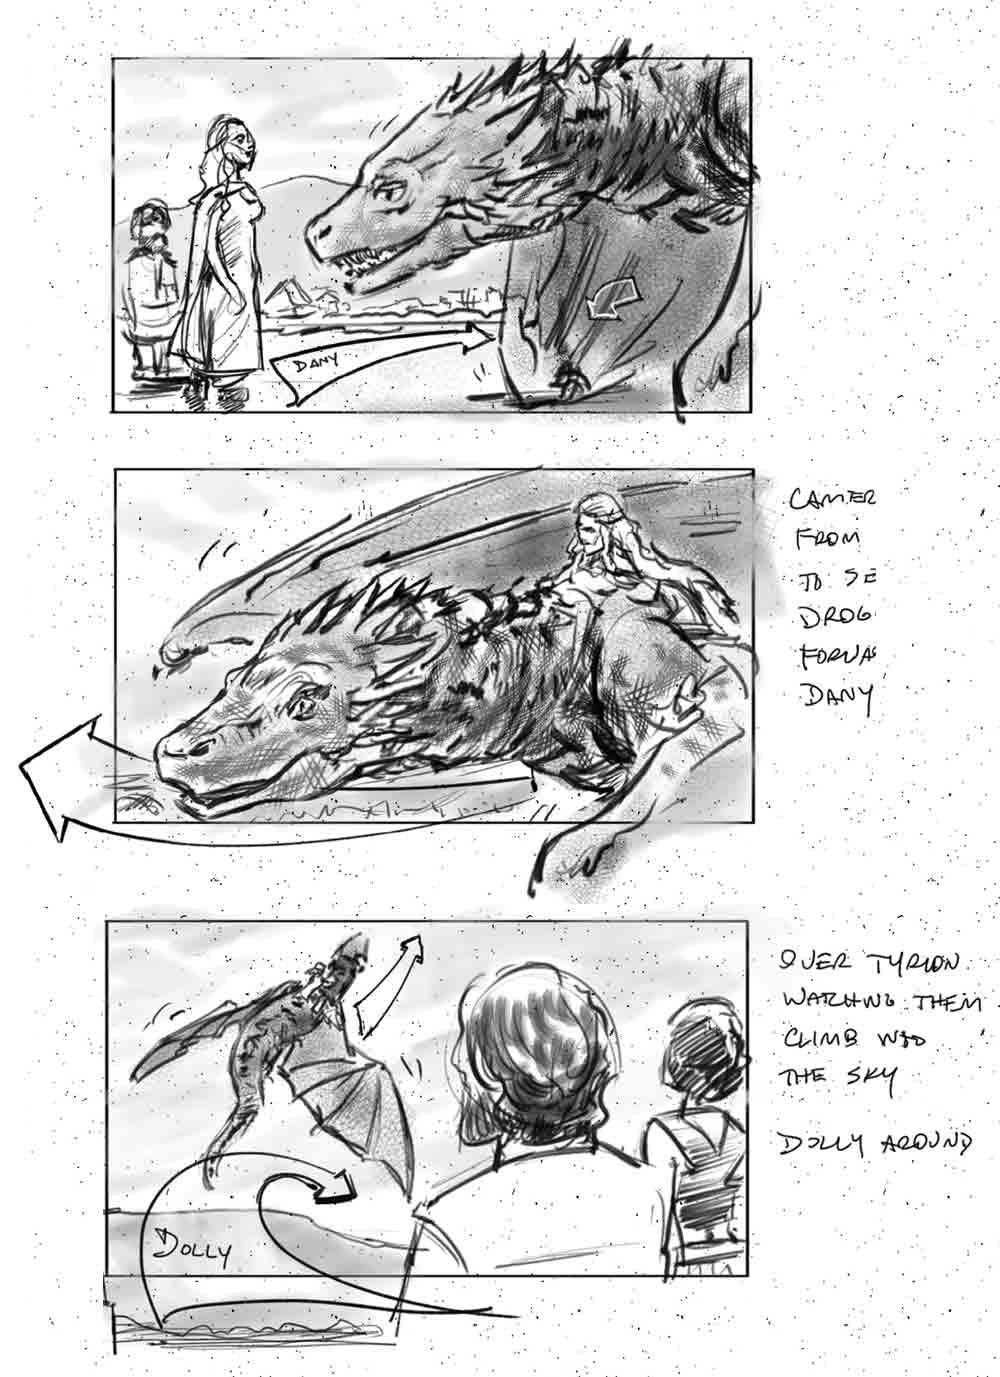 story-board-La-batalla-de-los-bastardos-Juego-de-Tronos